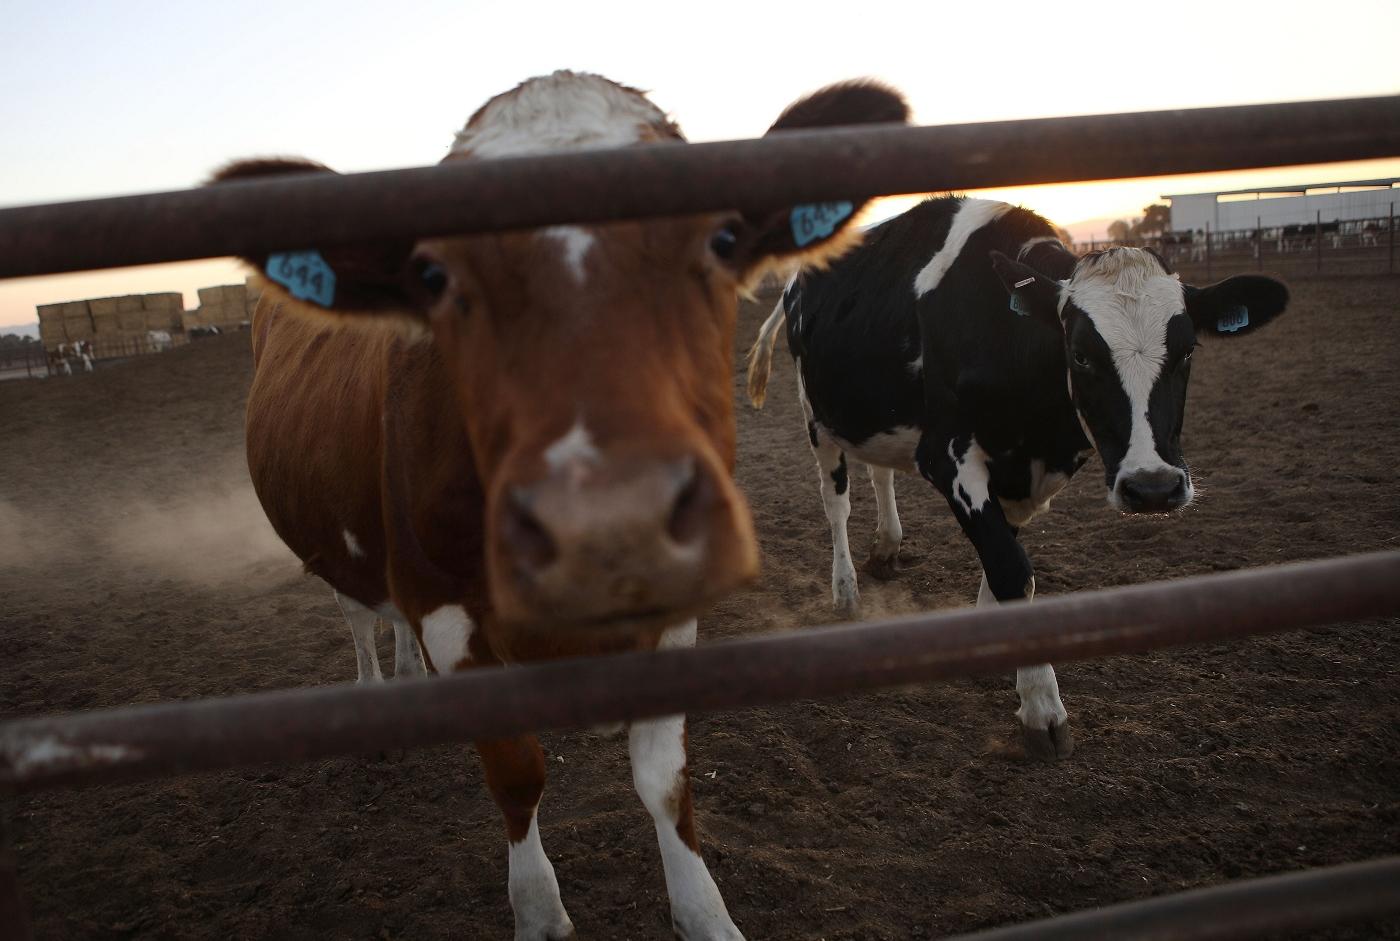 https://www.centroveterinariosanmartino.it/wp-content/uploads/2019/03/181106-cattle-se-612p_8cebbde64c7fe2e7b6665d0eaa65341f.jpg